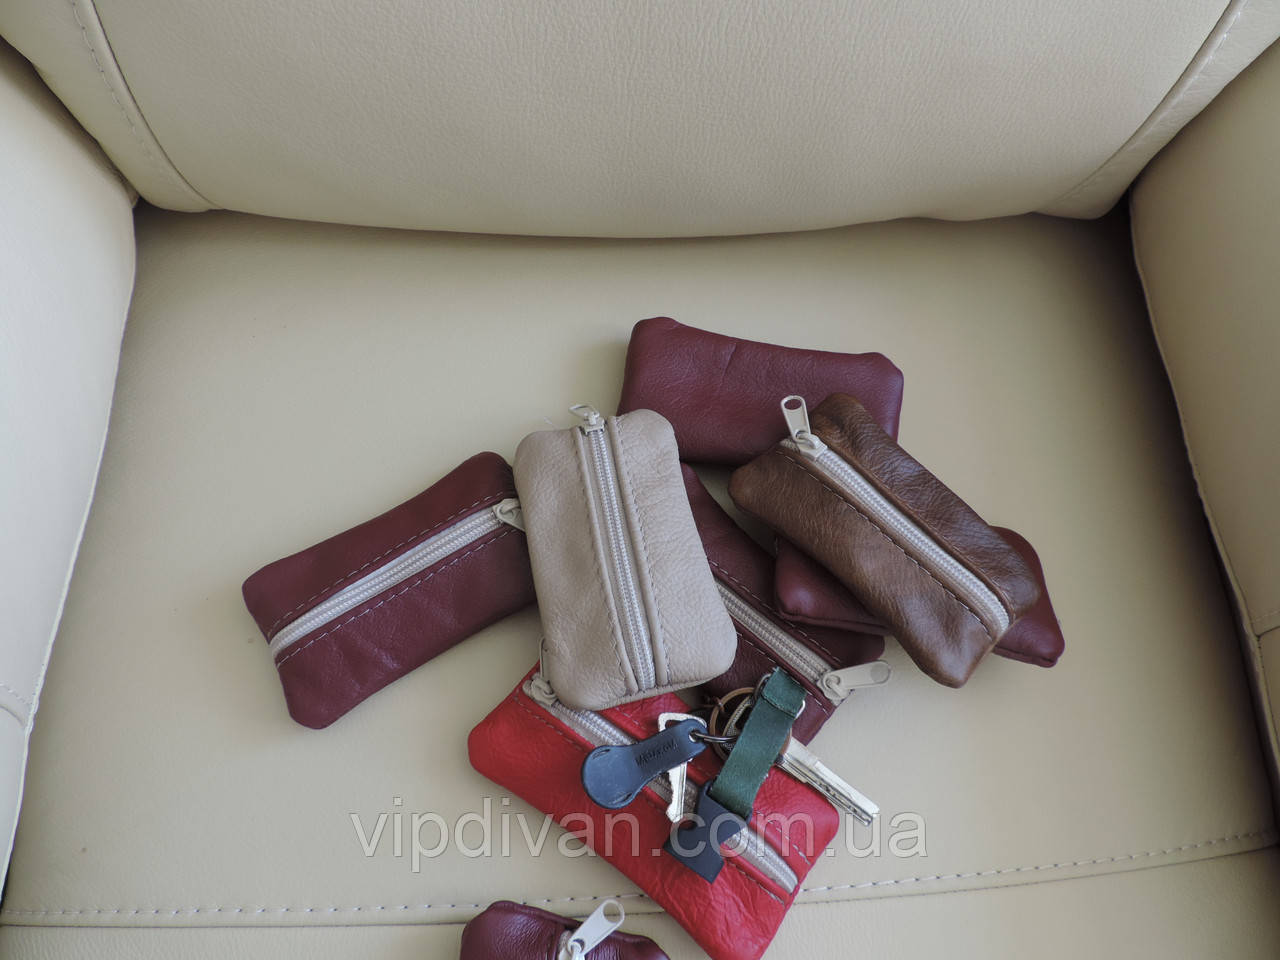 чехол для ключів - ШКІРЯНІ МЕБЛІ VALAGA www.valaga.com.ua в Львовской 9e8838e27844e